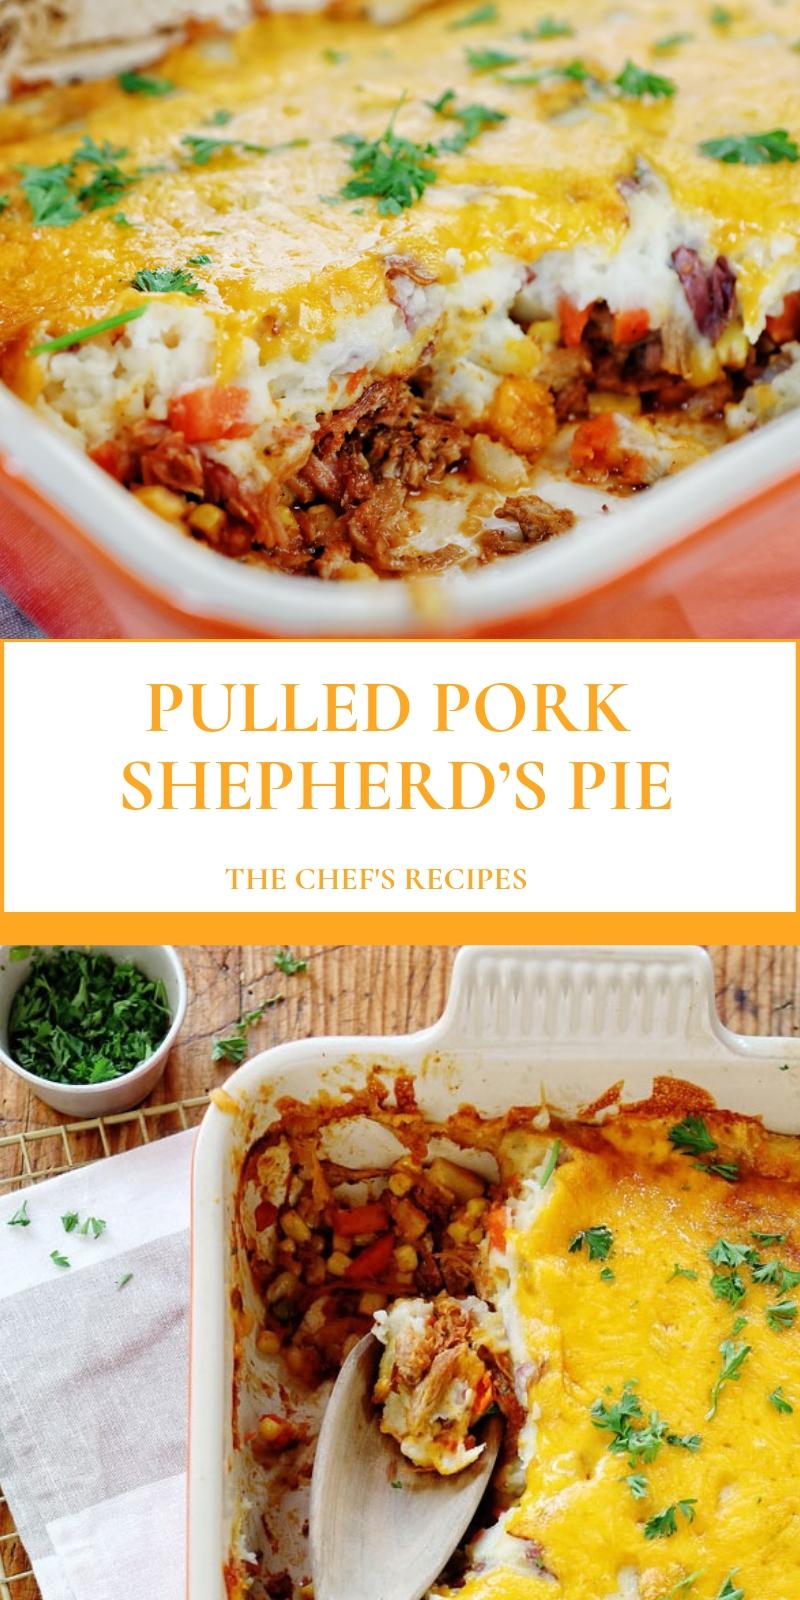 PULLED PORK SHEPHERD'S PIE